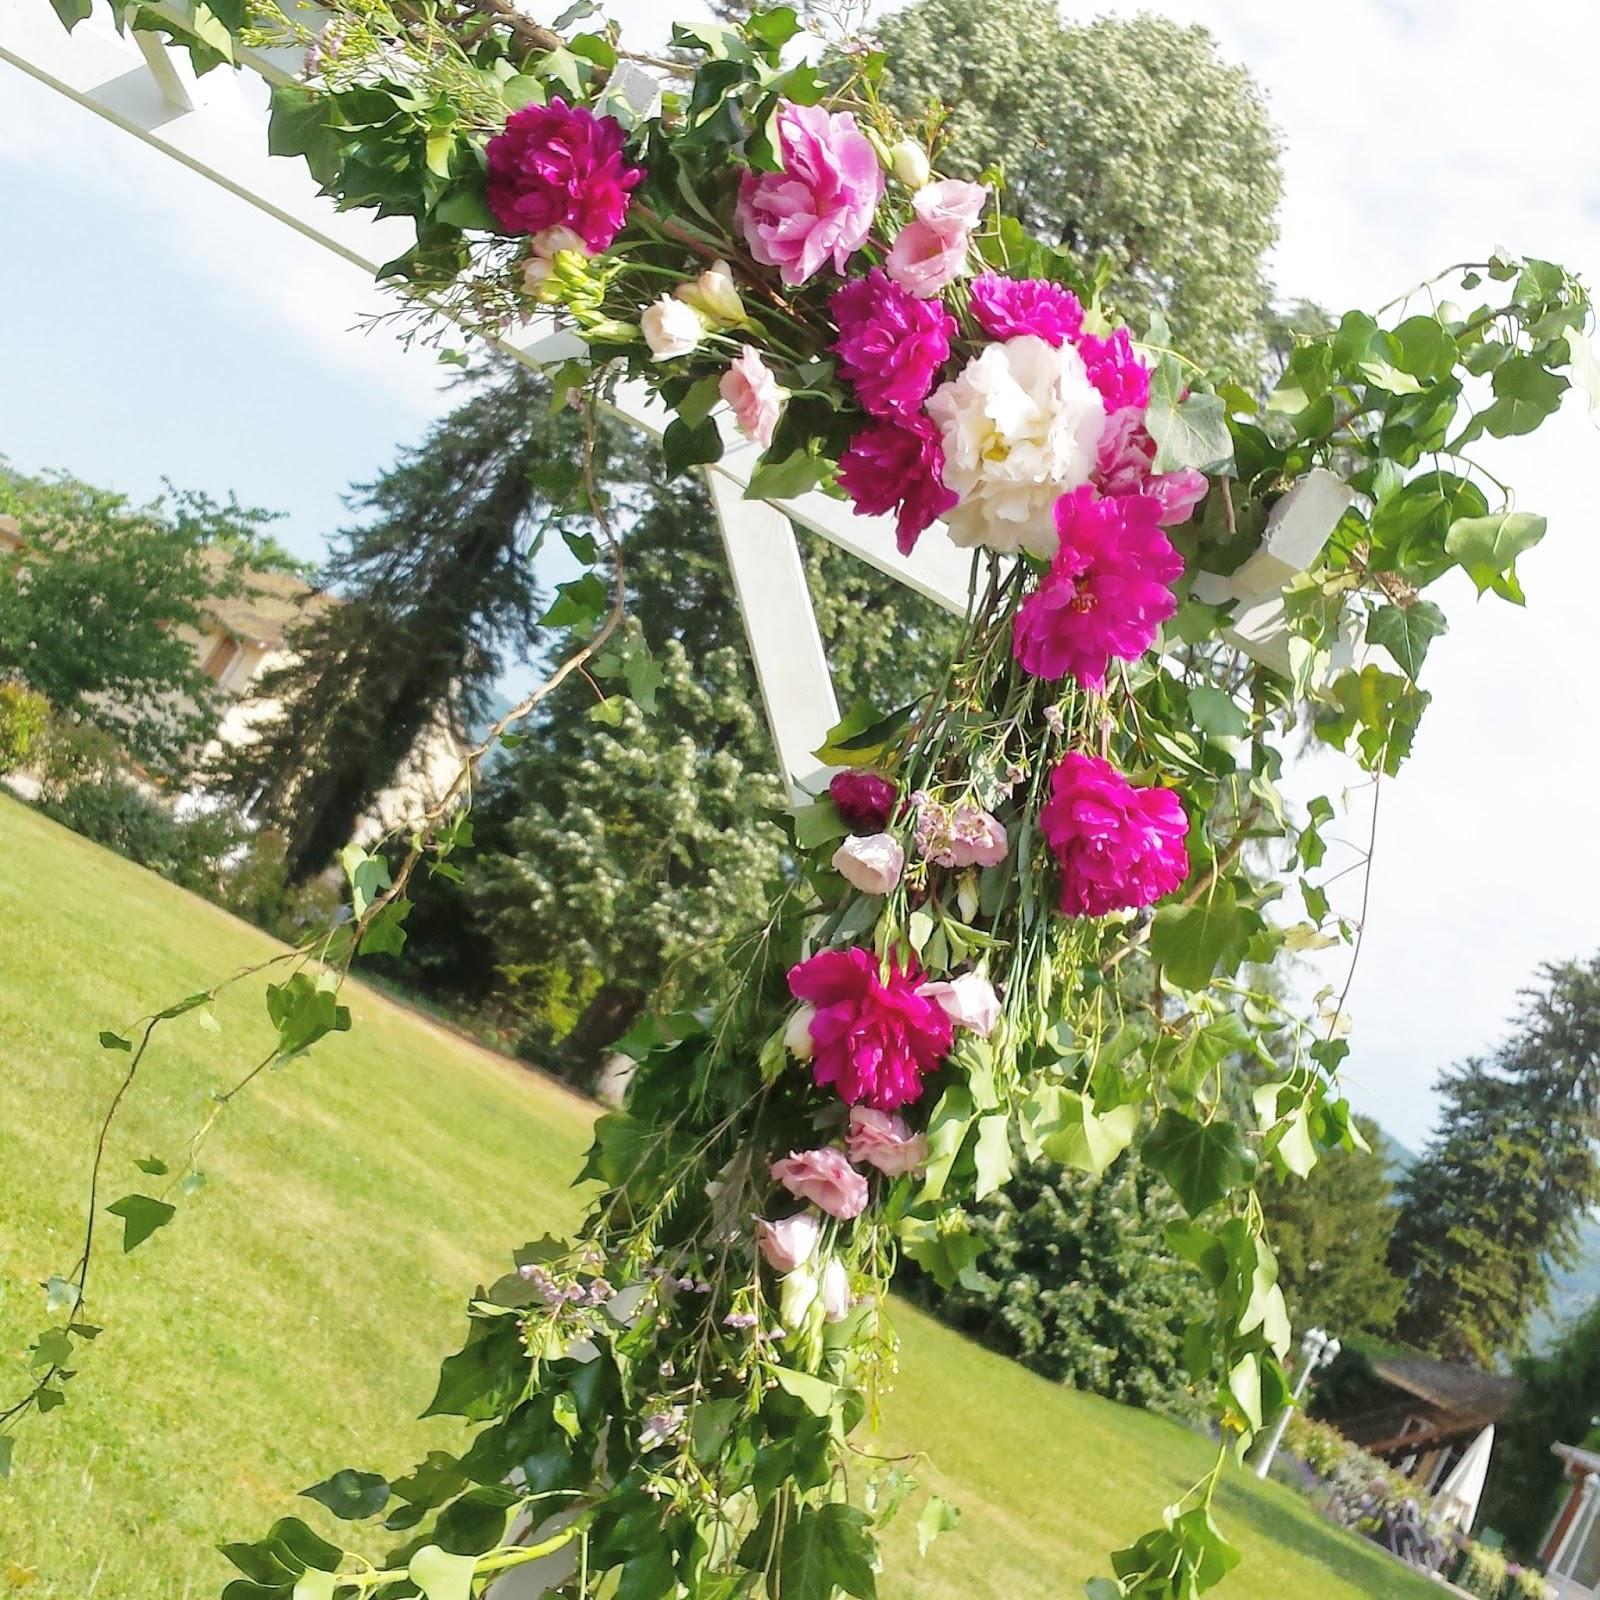 la petite boutique de fleurs fleuriste mariage lyon fleuriste mariage rh ne mariage de d m. Black Bedroom Furniture Sets. Home Design Ideas